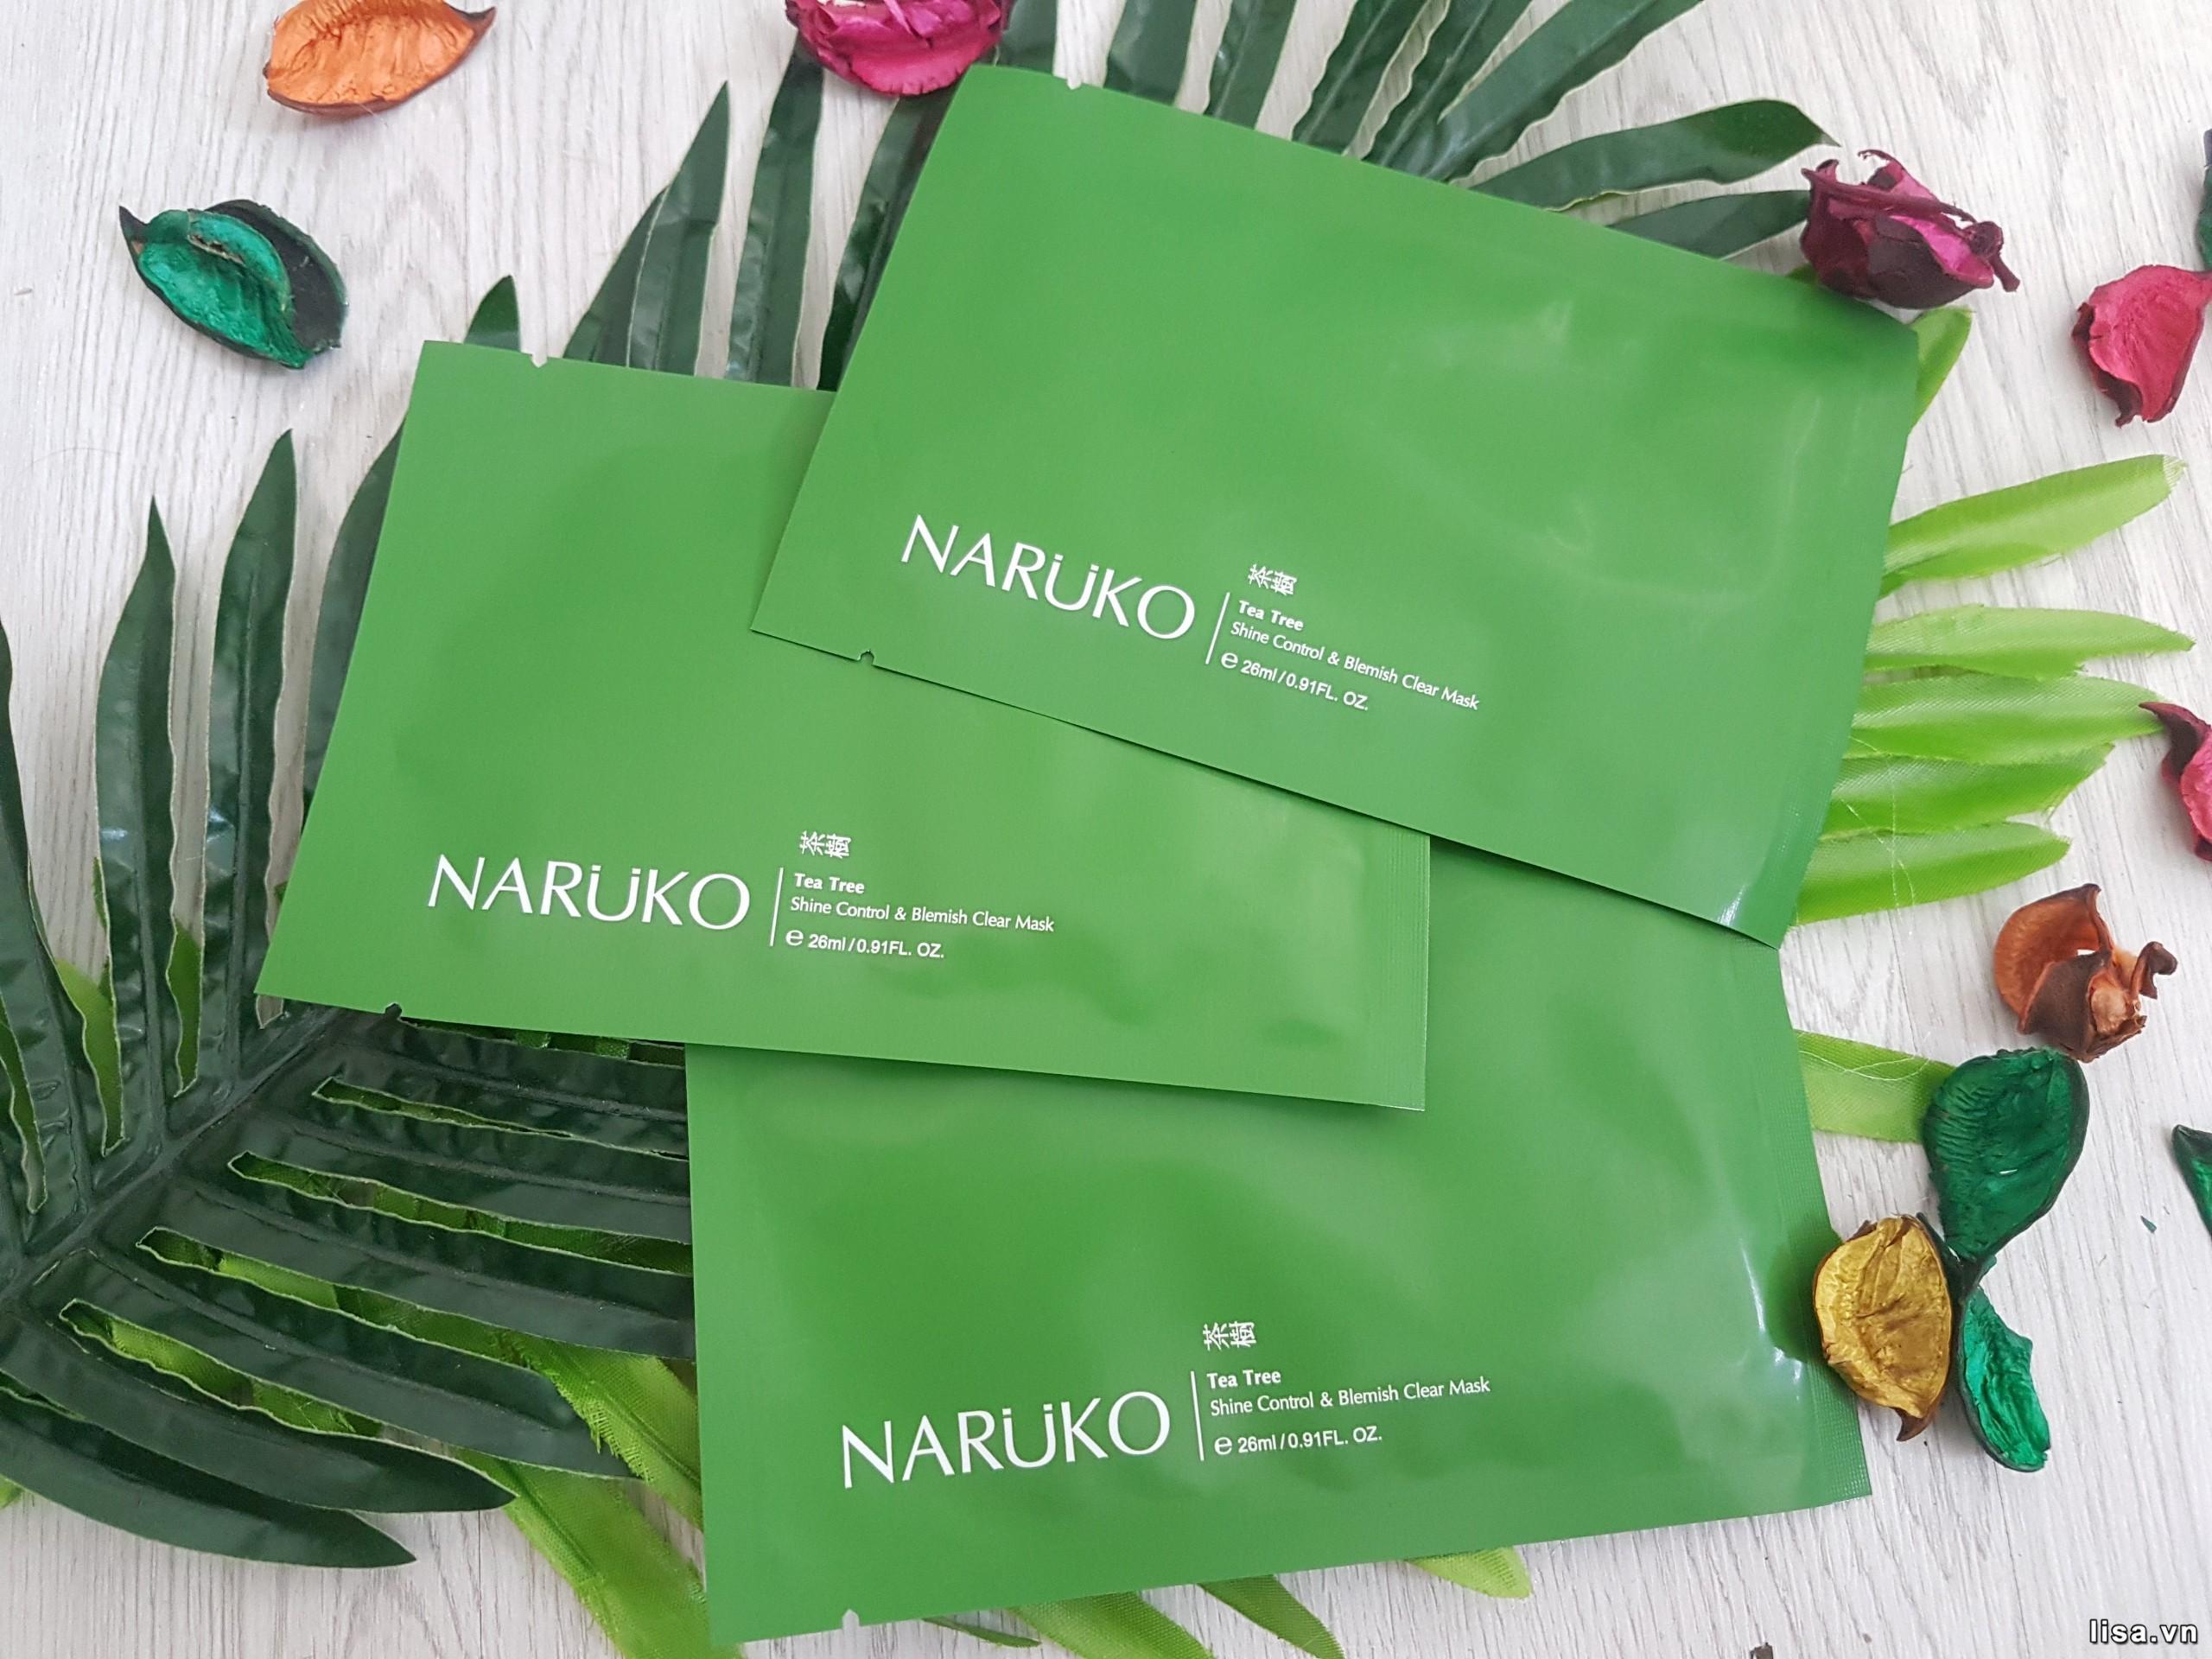 Mặt nạ tràm trà Naruko Tea Tree Shine Control & Blemish Clear Mask sở hữu thiết kế đơn giản, ẩn tượng